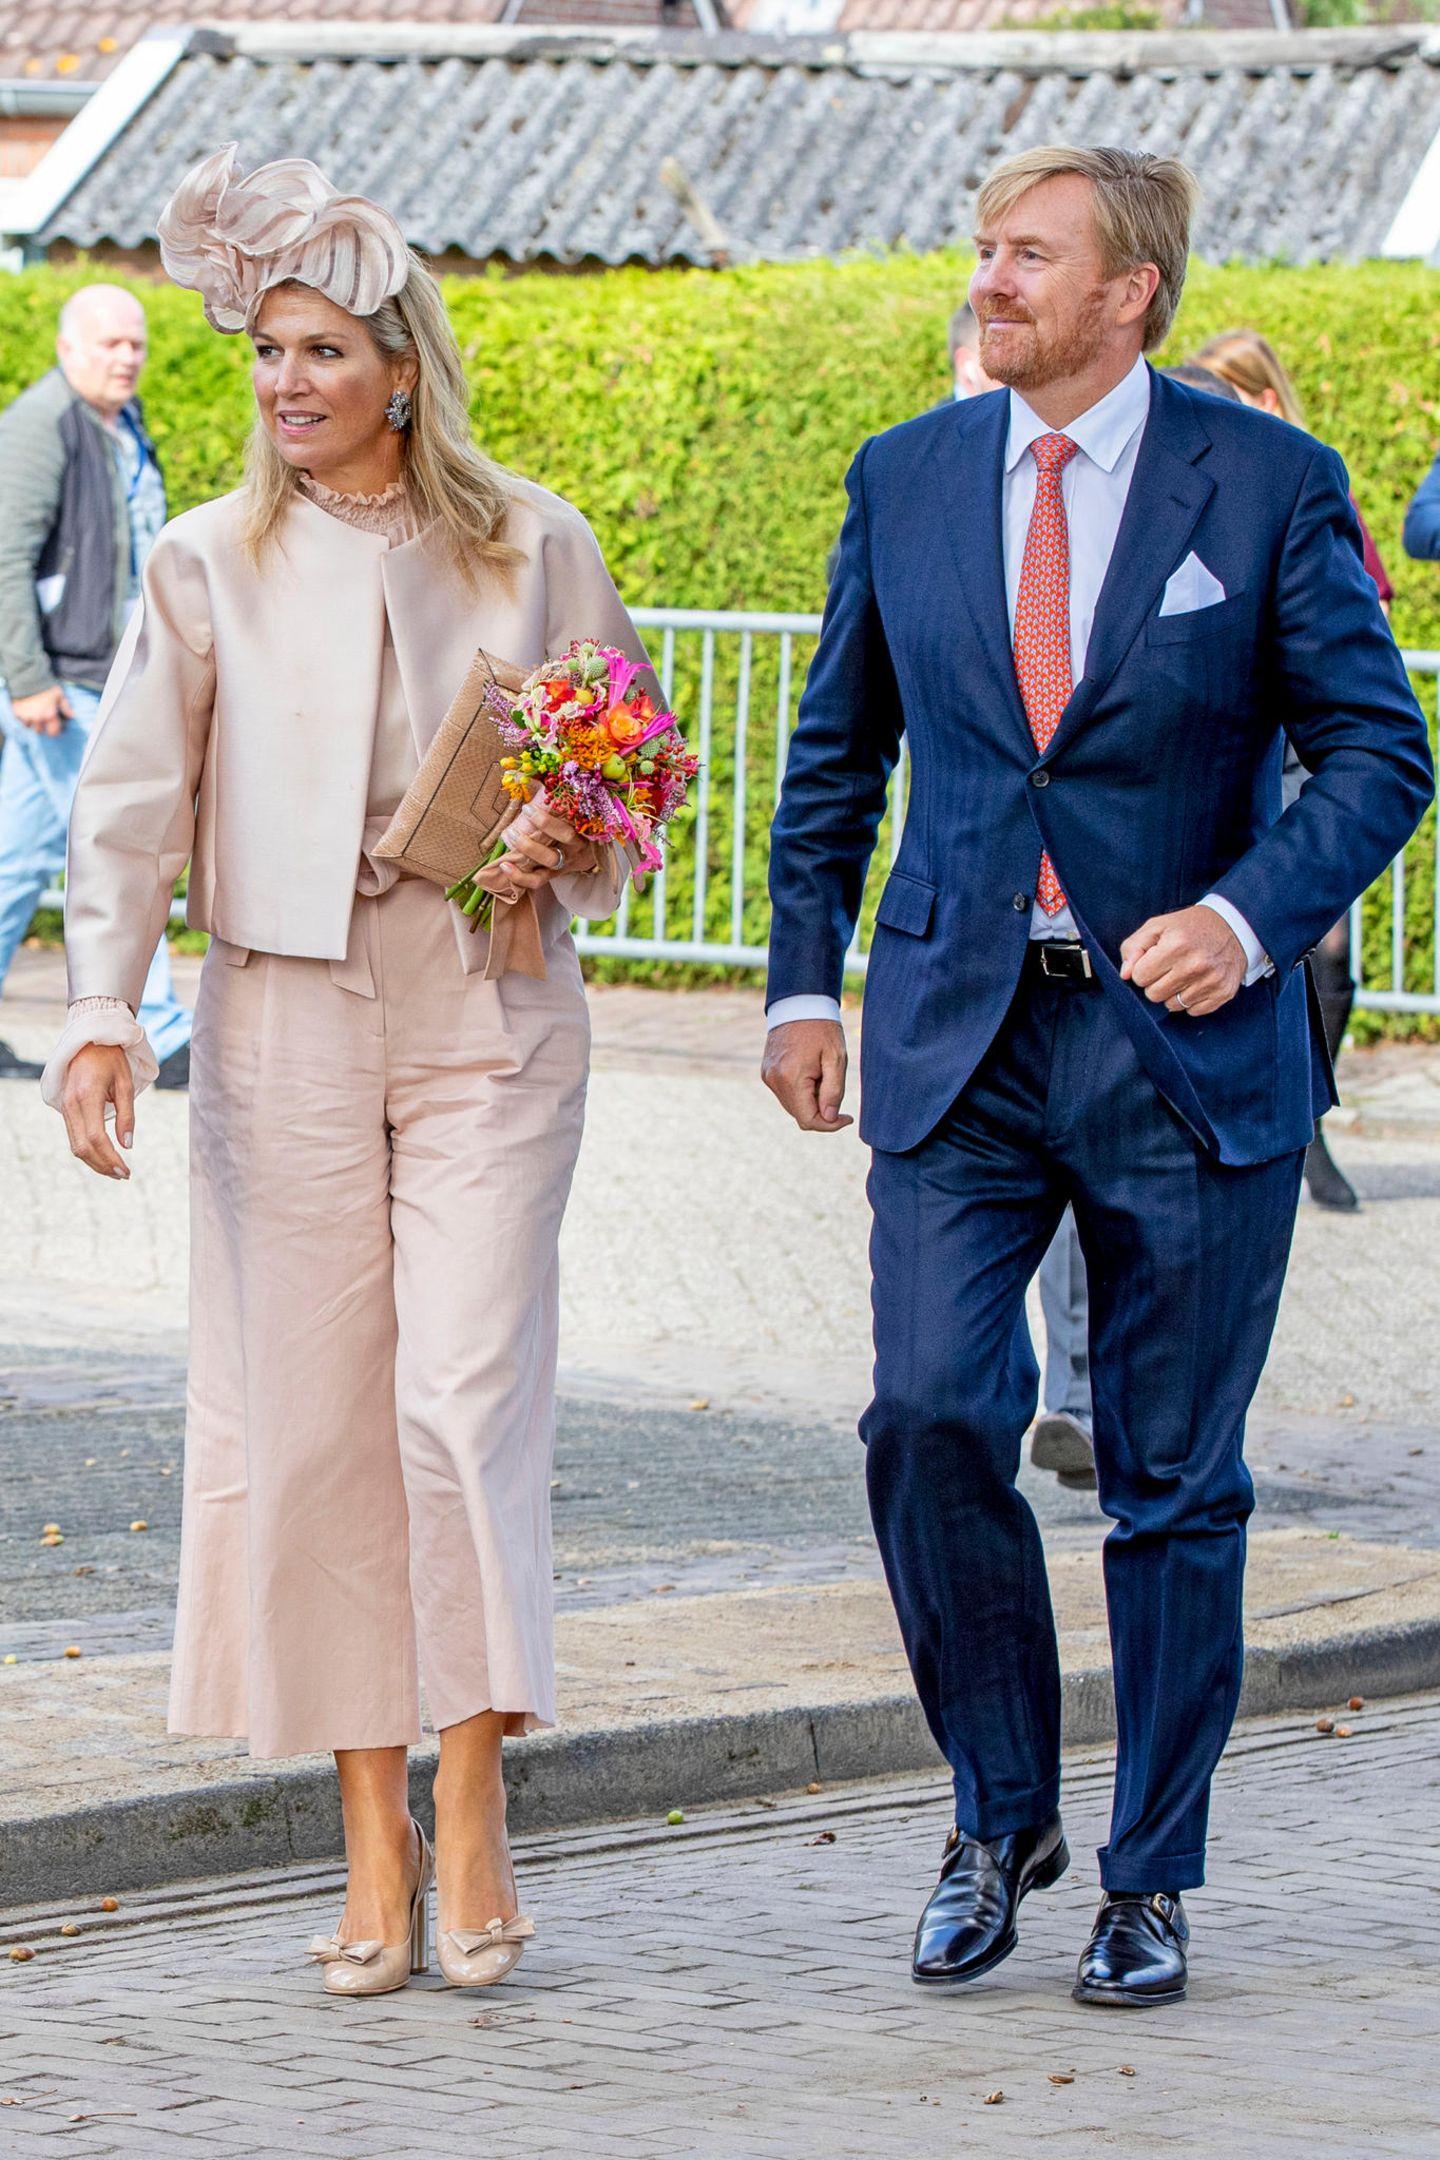 Wenn es umroyale Looks geht,schauen wir oft nach England. Dabei steht eine Blaublüterin den beiden britischen Herzoginnen in Sachen Mode in nichts nach. Königin Maxima der Niederlande ist eine echte Stilikone. Outfits-Flops? Bei ihrFehlanzeige! Wo die schöne Royal auch auftaucht, sieht sie stets super elegant, aber niemals langweilig aus. Und das schafft sie gebürtige Argentinierin dank eines simplen, aber effektiven Tricks.  Statt stundenlang in der Garderobe das perfekte Outfit zusammenzustellen, setzt die Königin viel lieber auf den sogenannten Monochrome-Look. Heißt: Sie wählt Teile in der gleichen Farbe und stylt diese von Kopf bis Fuß. So läuft sie niemals Gefahr, dass ihr Style unruhig oder zu gewollt aussieht, sondern schafft stattdessen einen stimmigen und edlen Look. Doch das ist noch lange nicht alles!